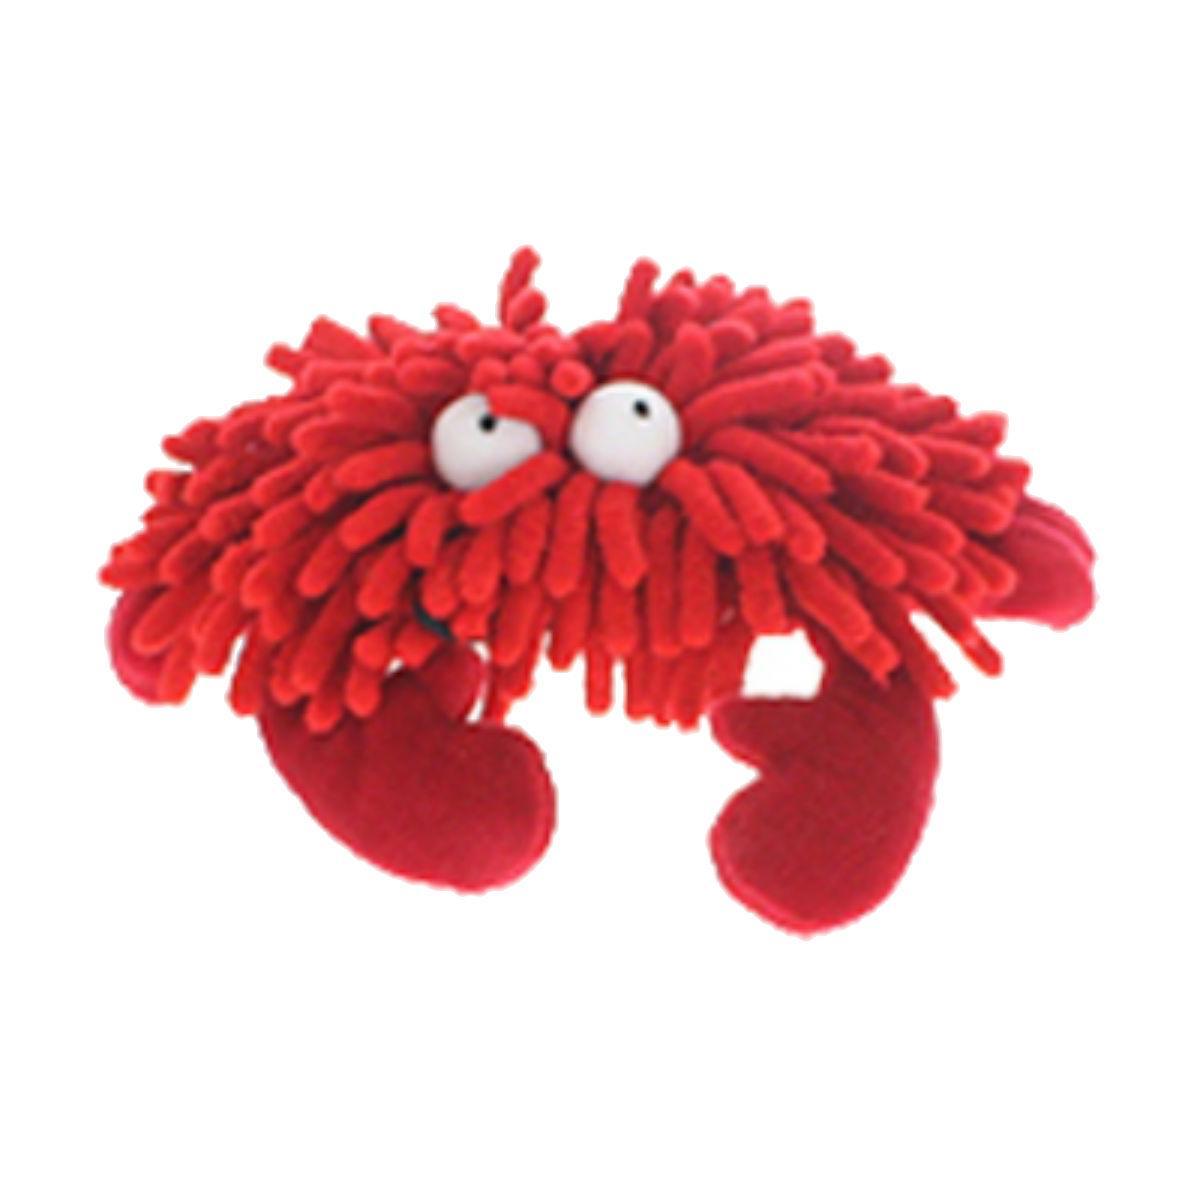 Sea Shammies Dog Toy - Crab